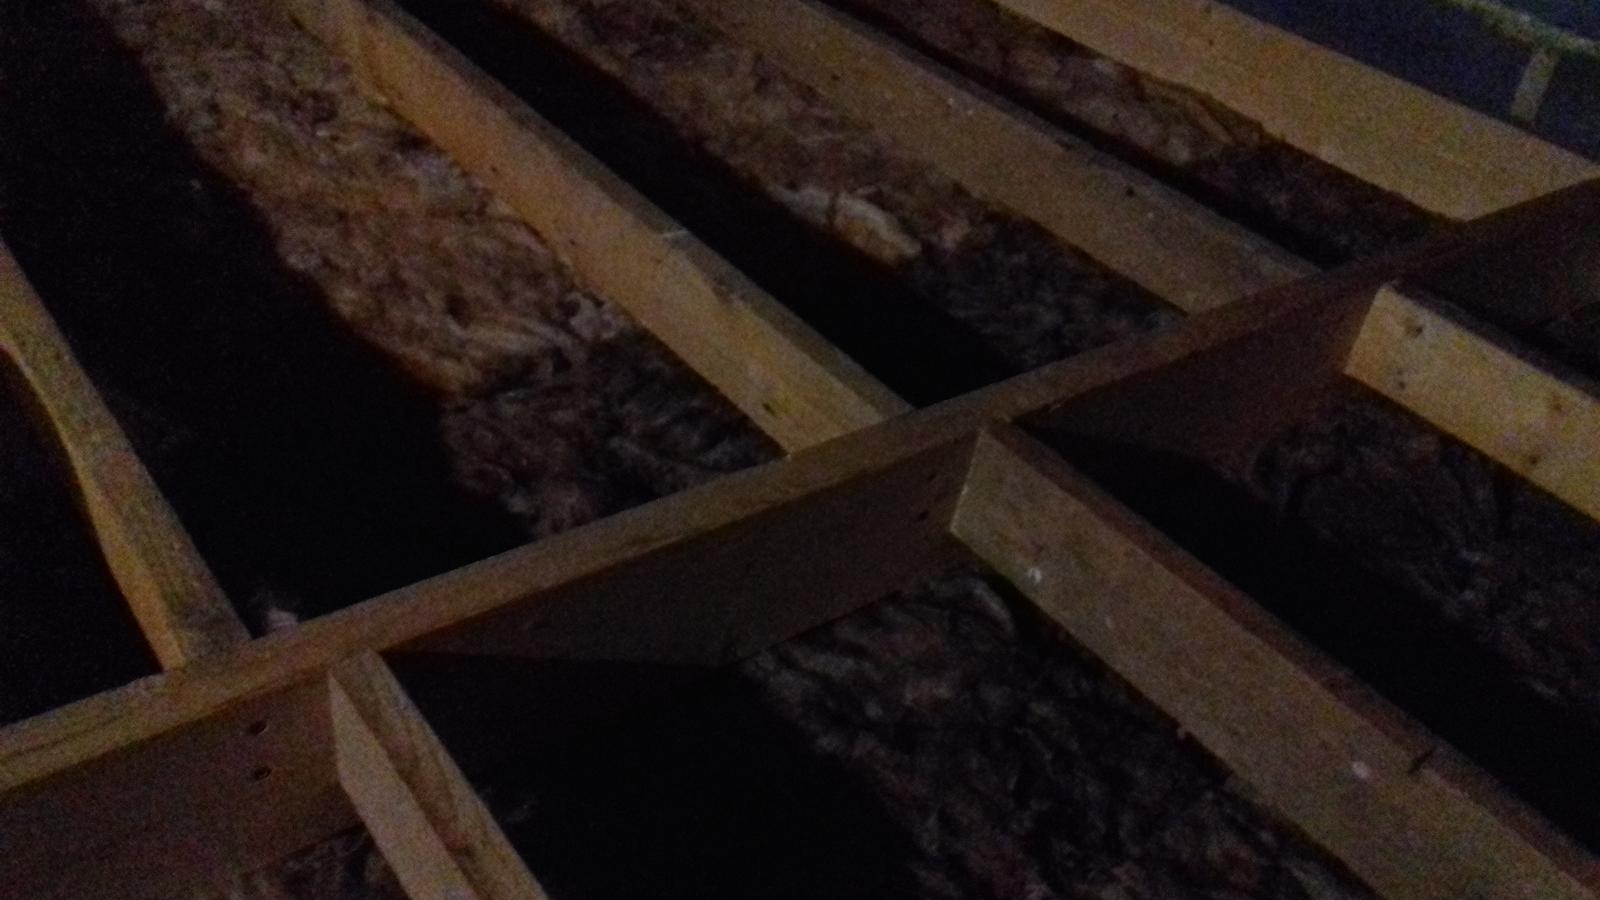 Zlepsenie tepelnoizolacnych vlastností tramoveho stropu - Obrázok č. 54